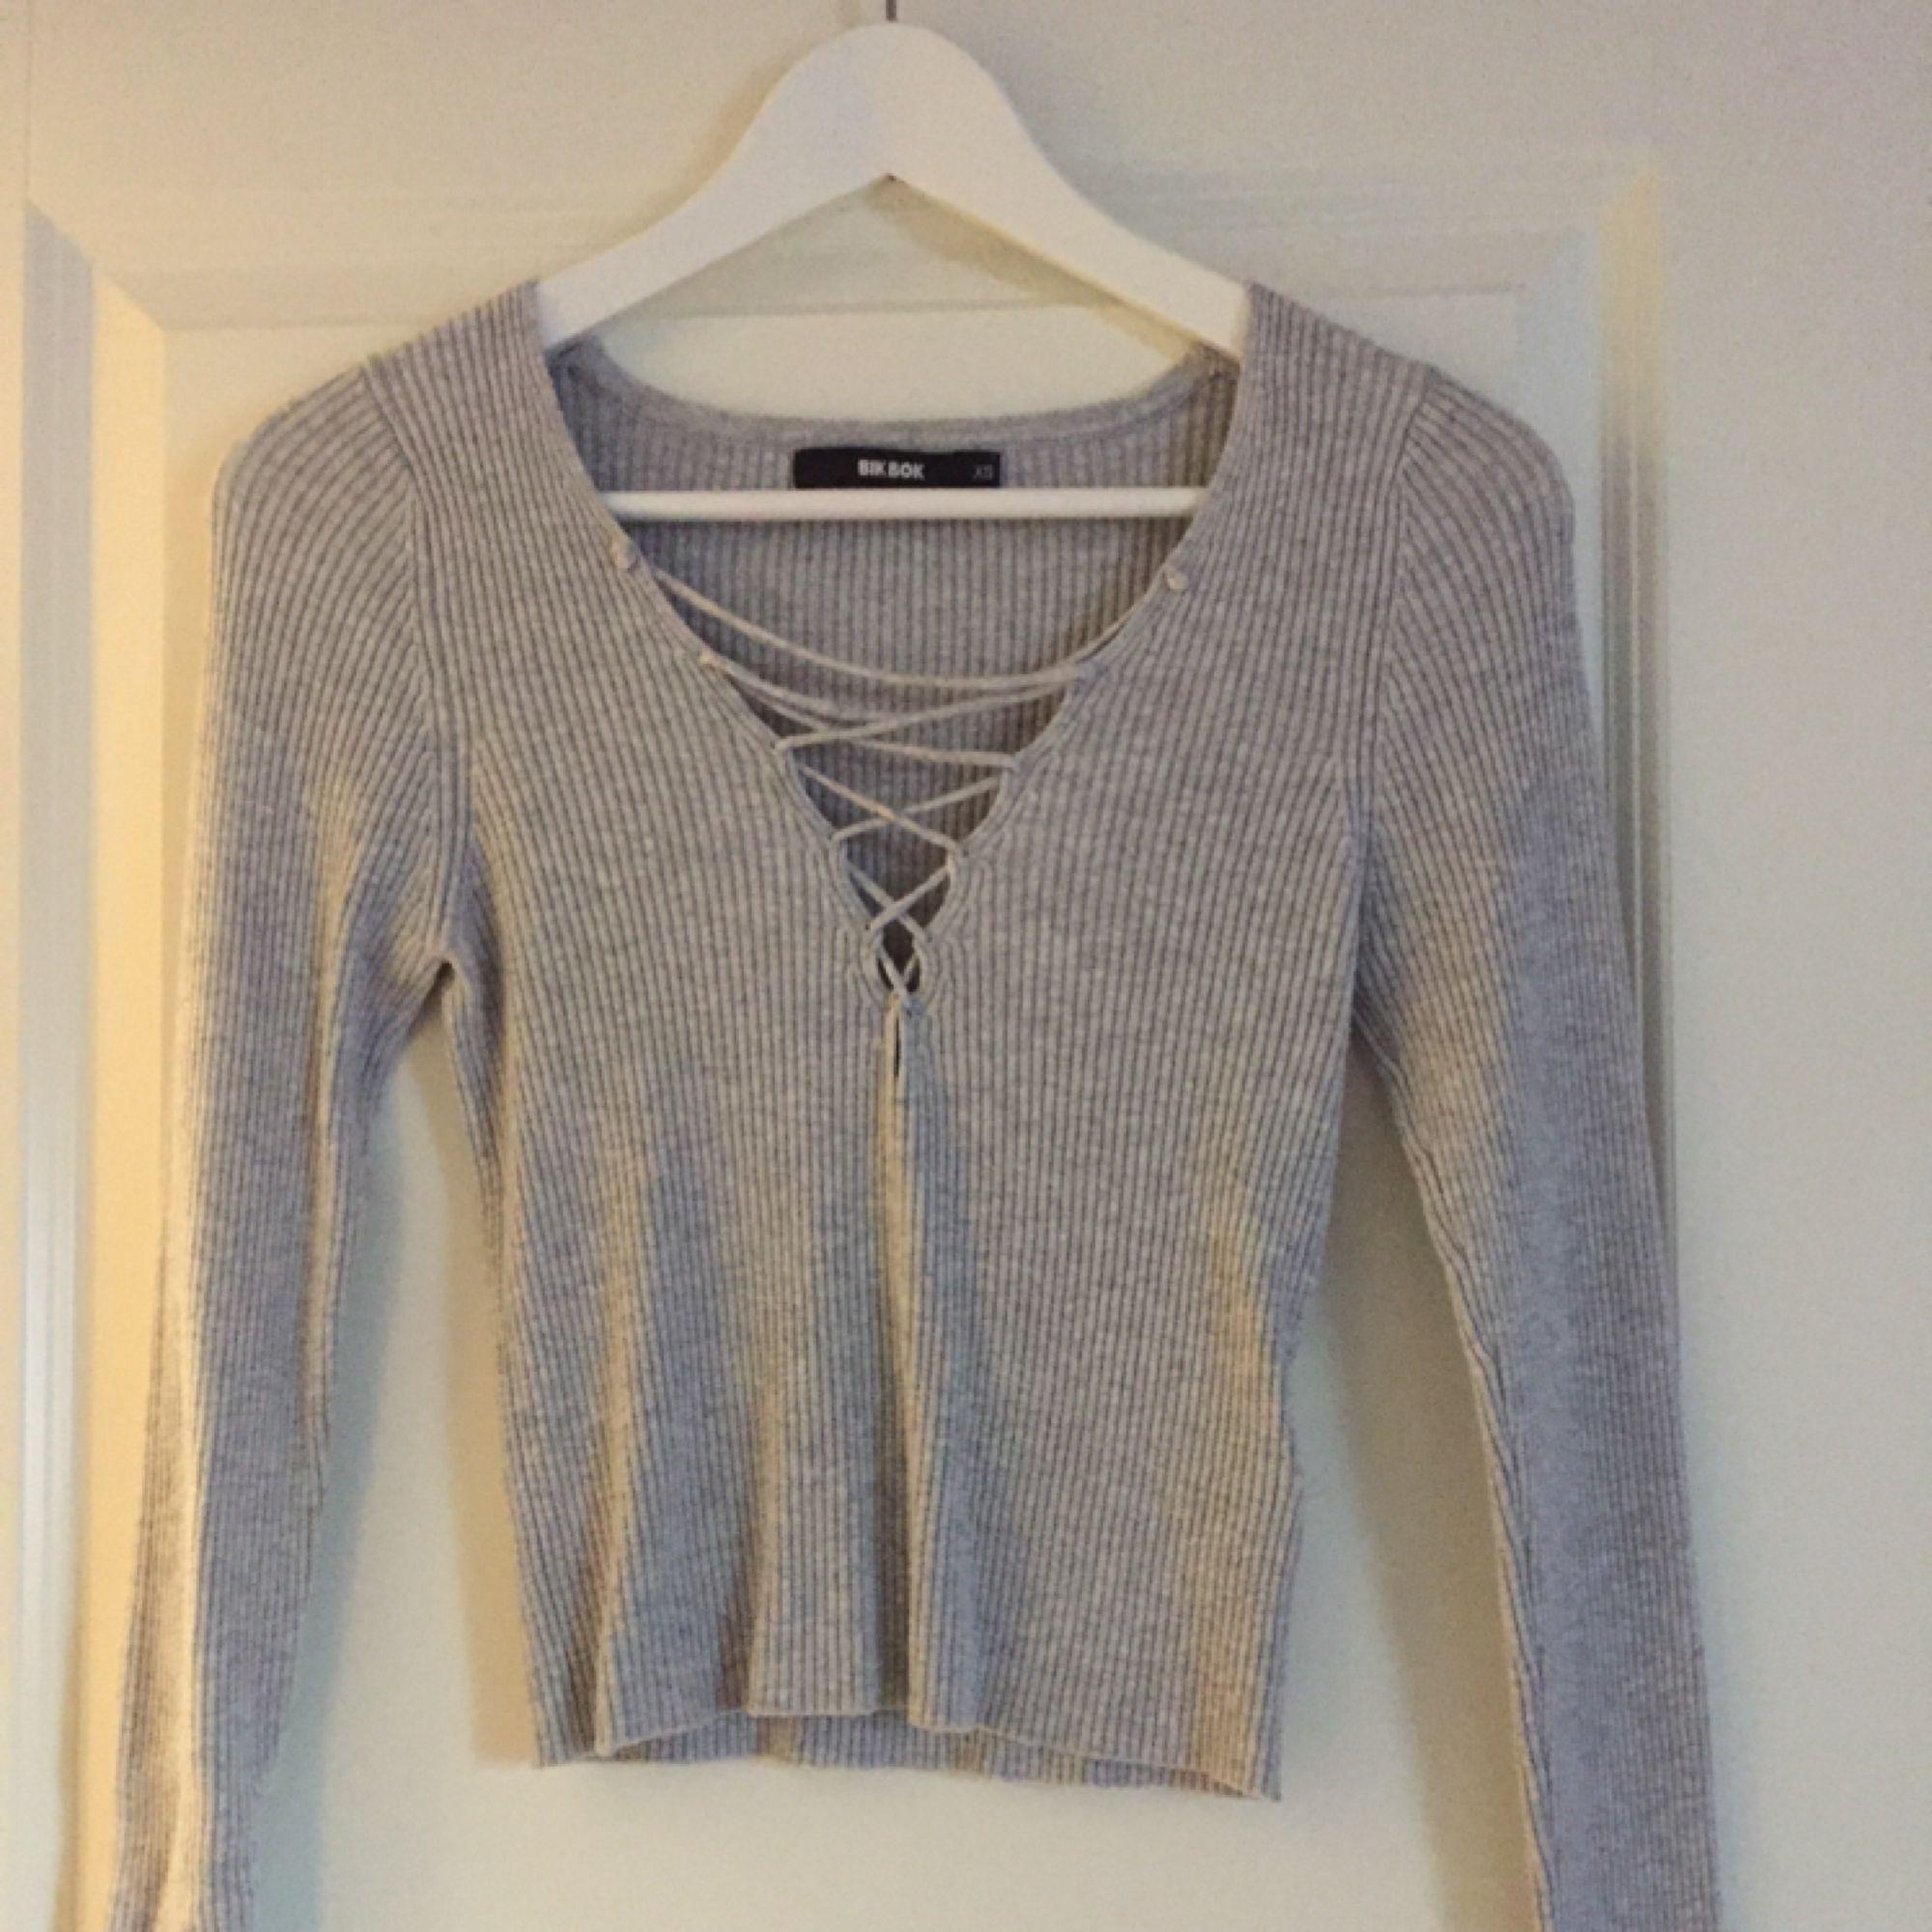 Grå tröja med snörning, tröjan slutar över naveln ungefär. Endast prövad! Så nyskick. Köpare står för frakt. Toppar.